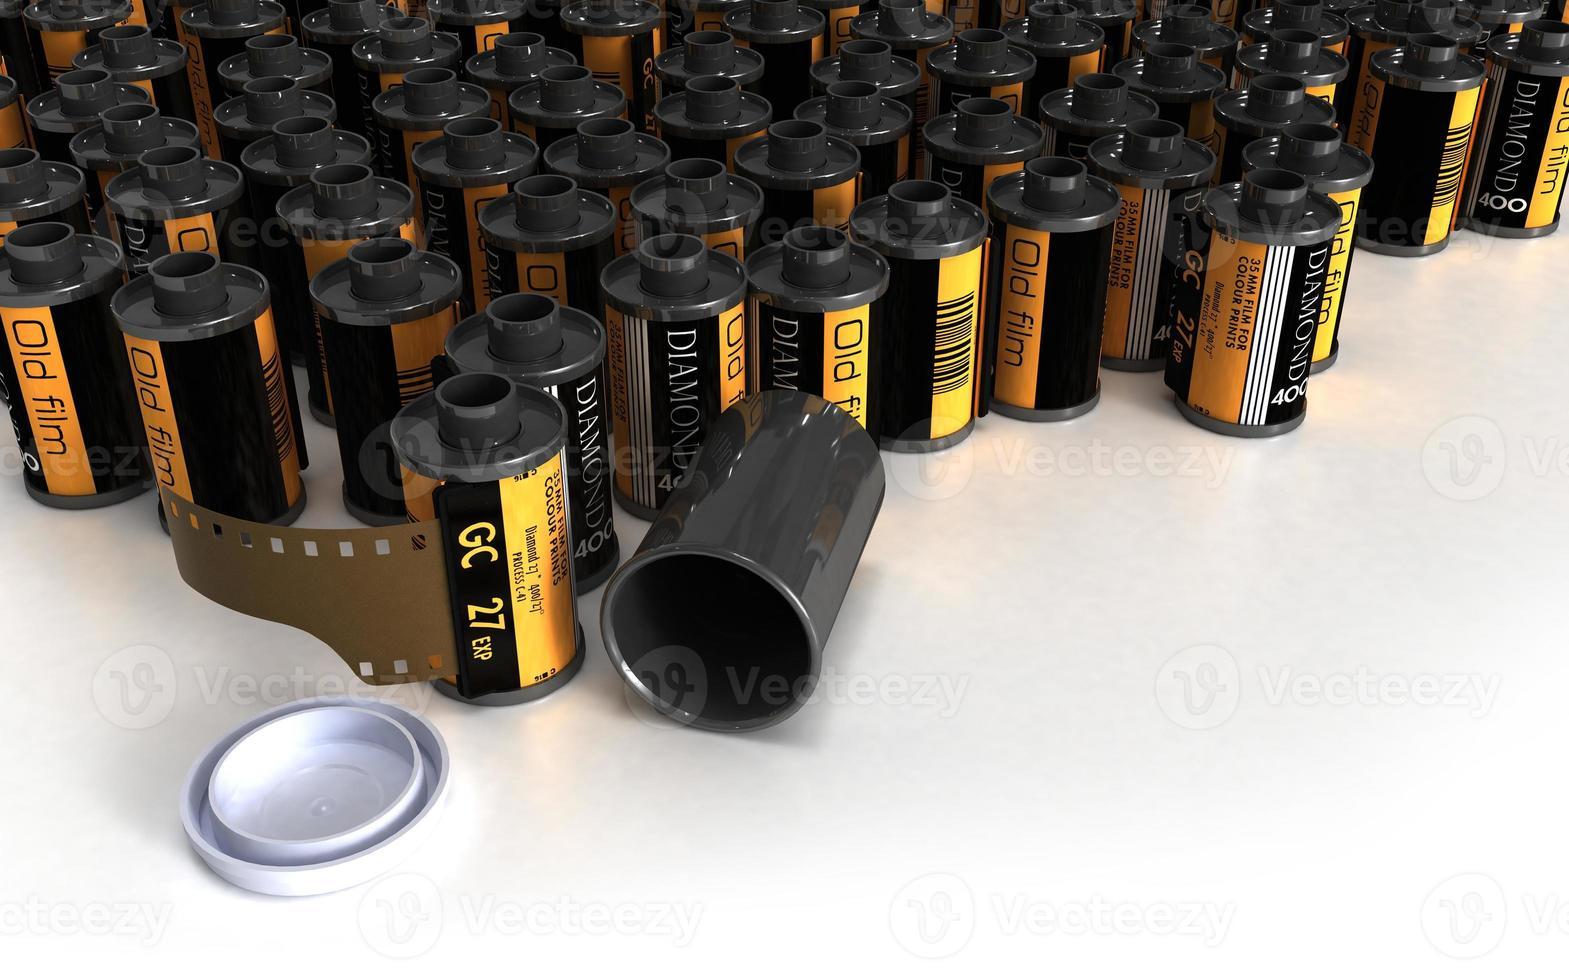 lote de caixas de filme para câmera analógica foto